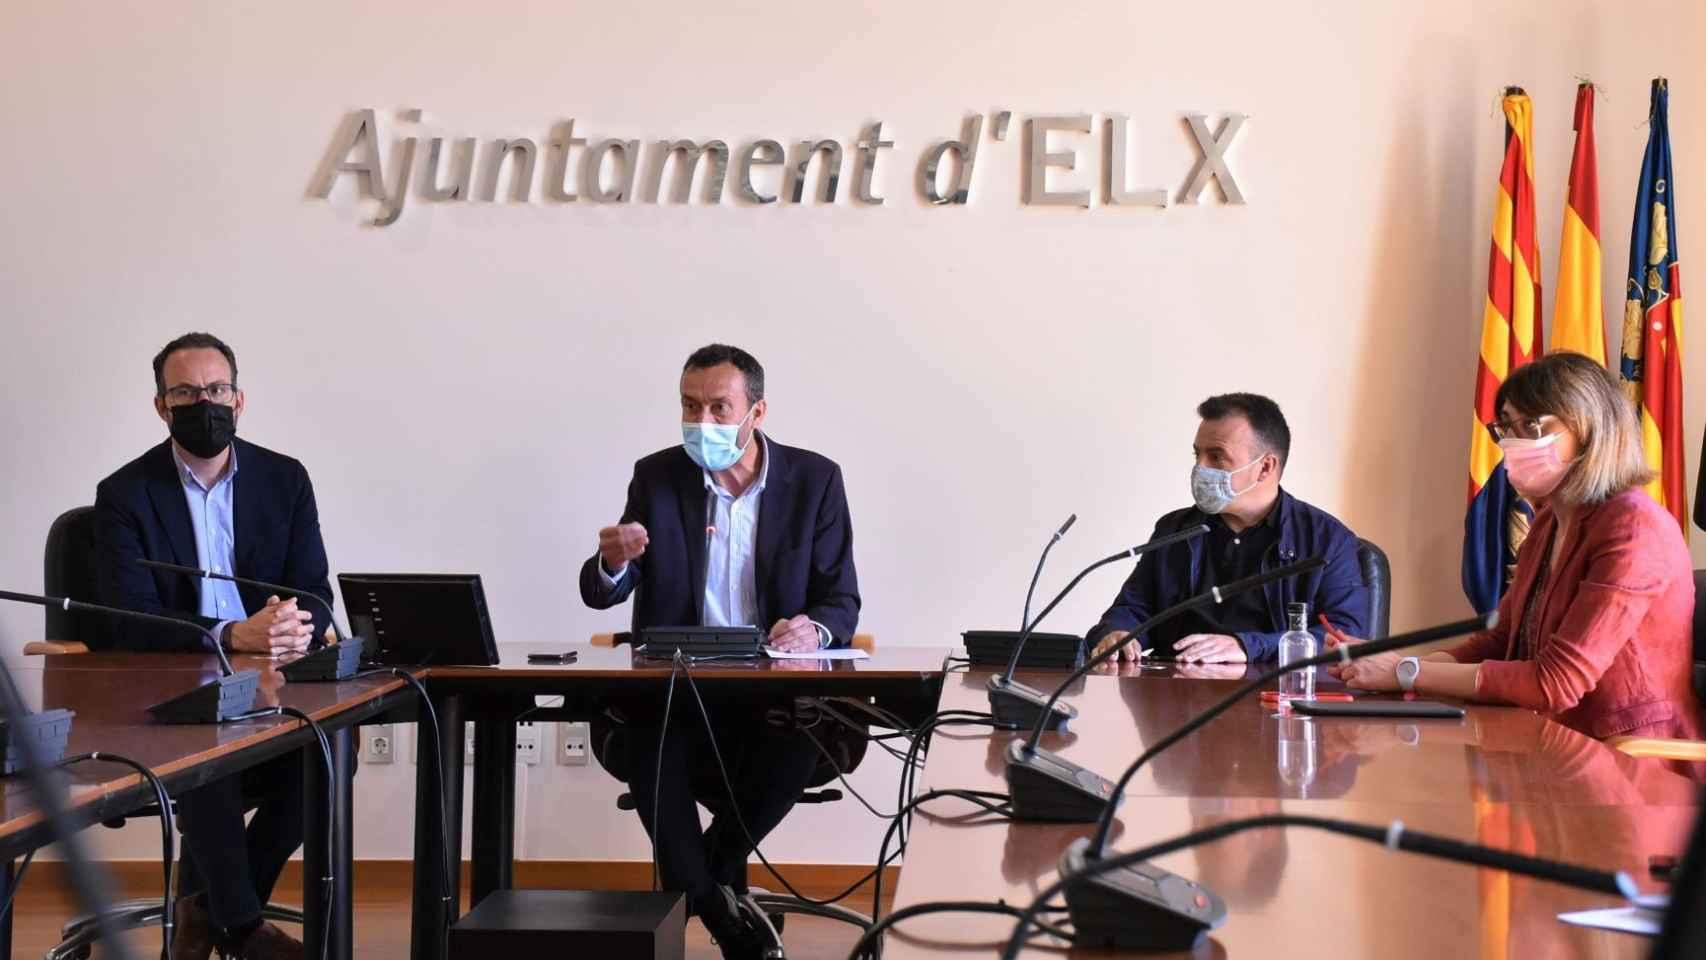 El alcalde de Elche defiende su gestión: Es absurdo no levantar reparos que están justificados